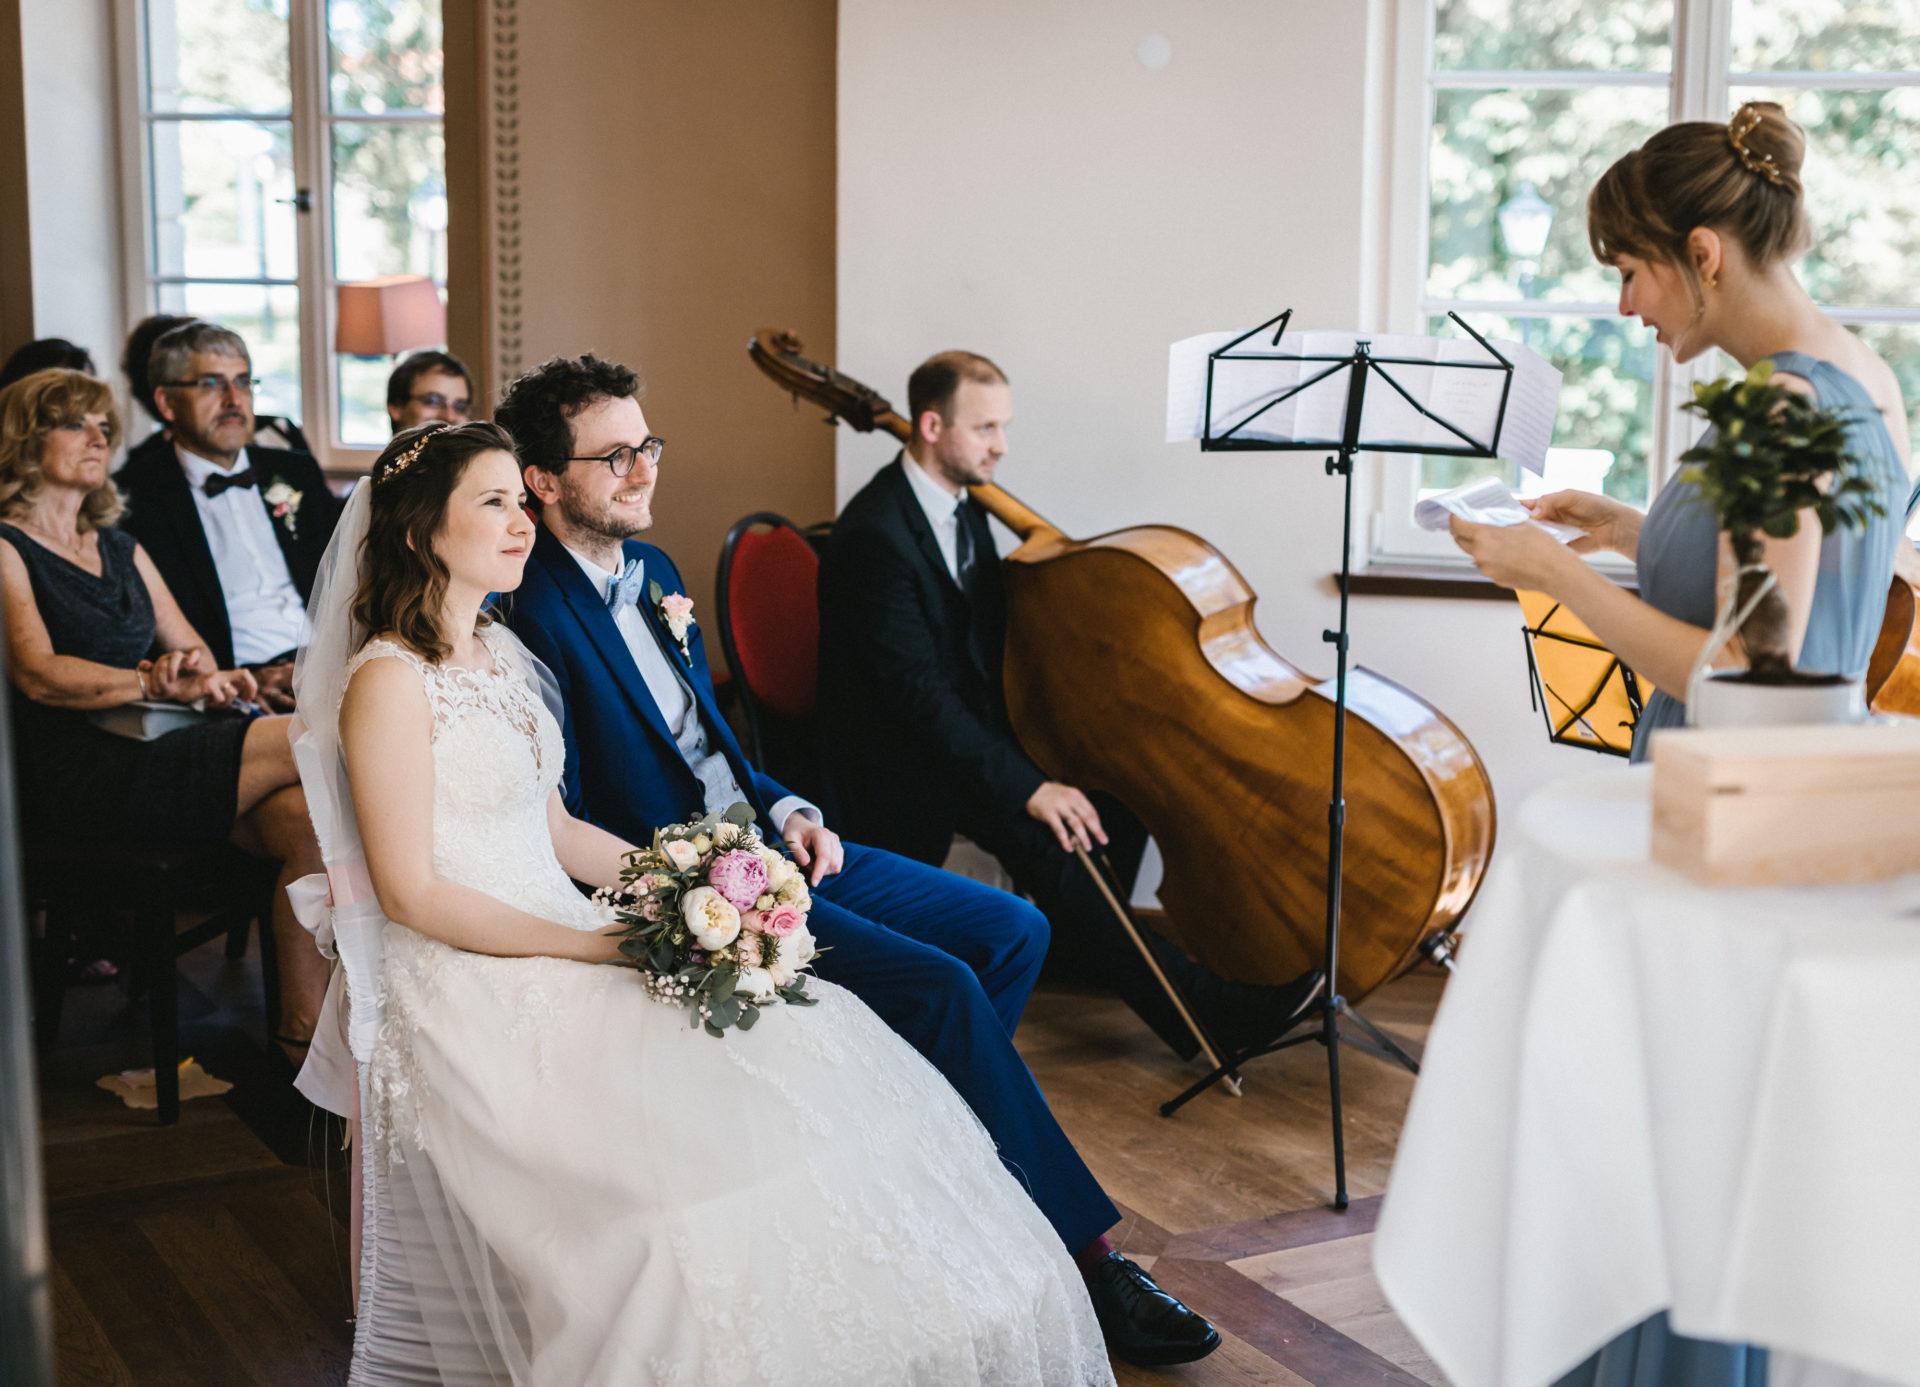 Hochzeitsreportage, Portfolio | Freie Trauung im Herrenhaus Möckern in Leipzig | 21